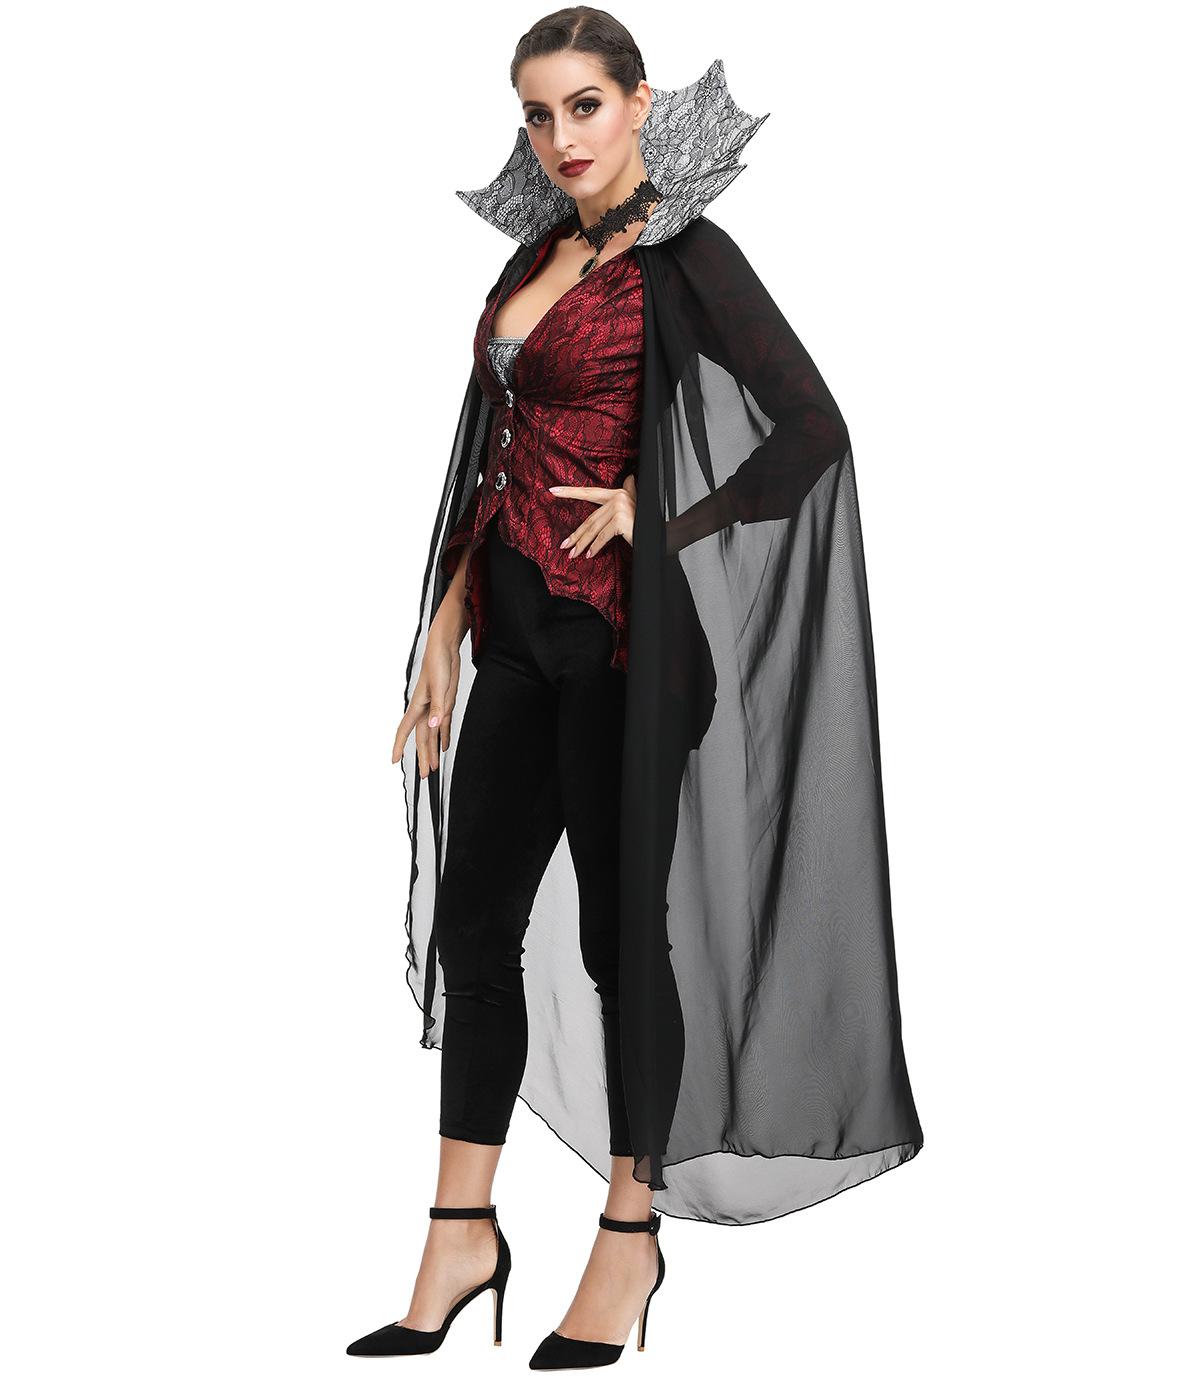 吸血恶魔士万圣节服装王装cosplay欧美角色扮演黑寡妇服饰女